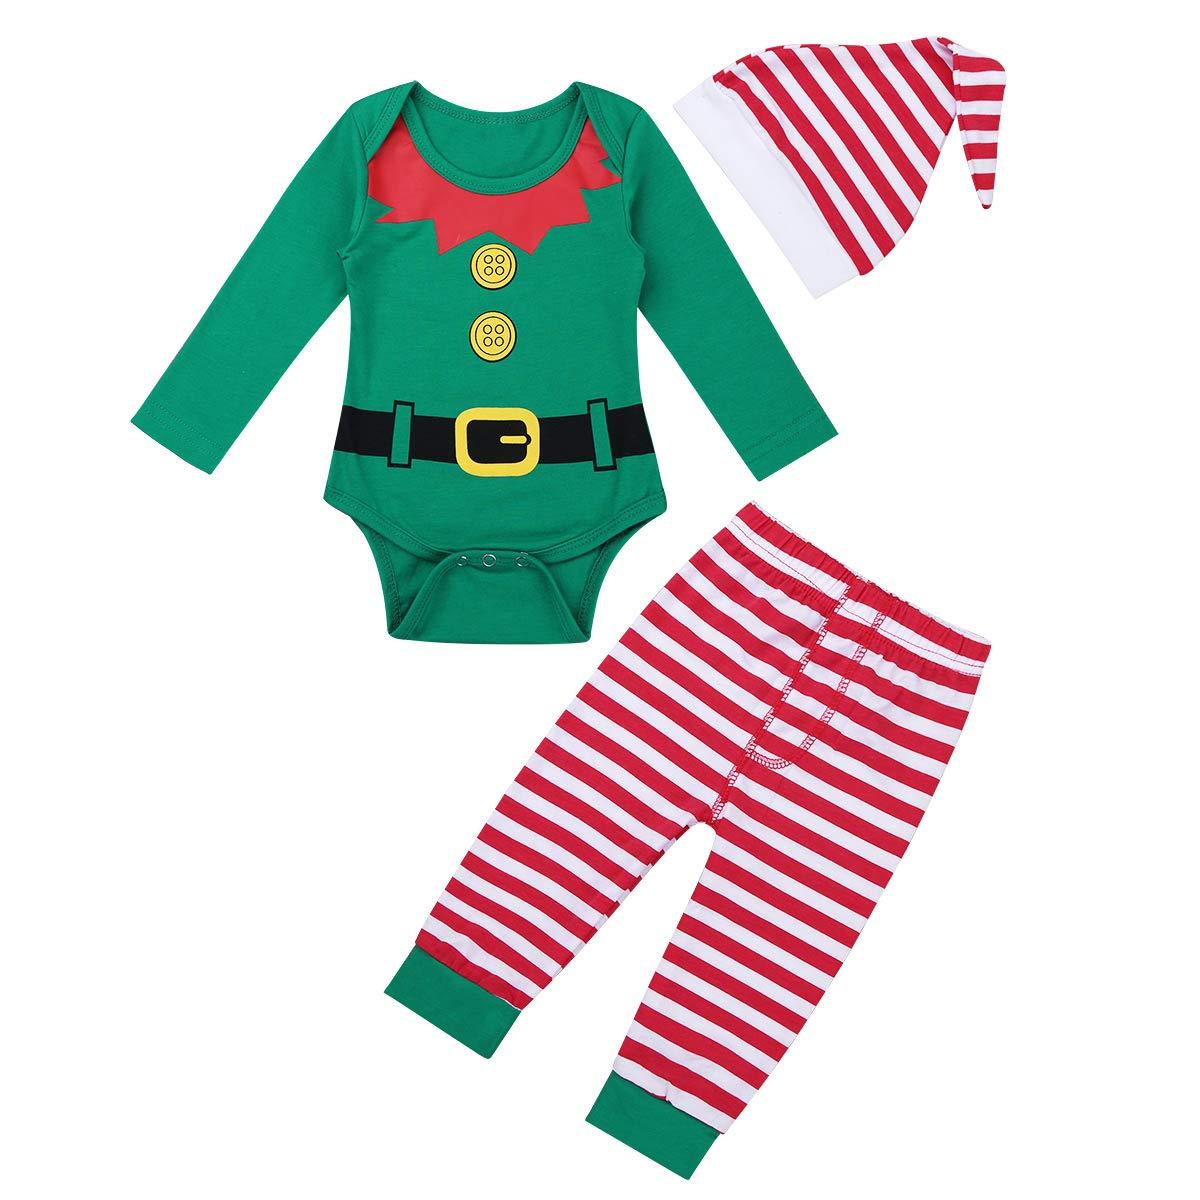 Freebily Baby Strampler Kleinkind Weihnachtsoutfit Weihnachten Babykleidung 3 Stück Baby Mädchen Jungen Weihnachtskostüm Overall Langarmshirt Hose Mütze